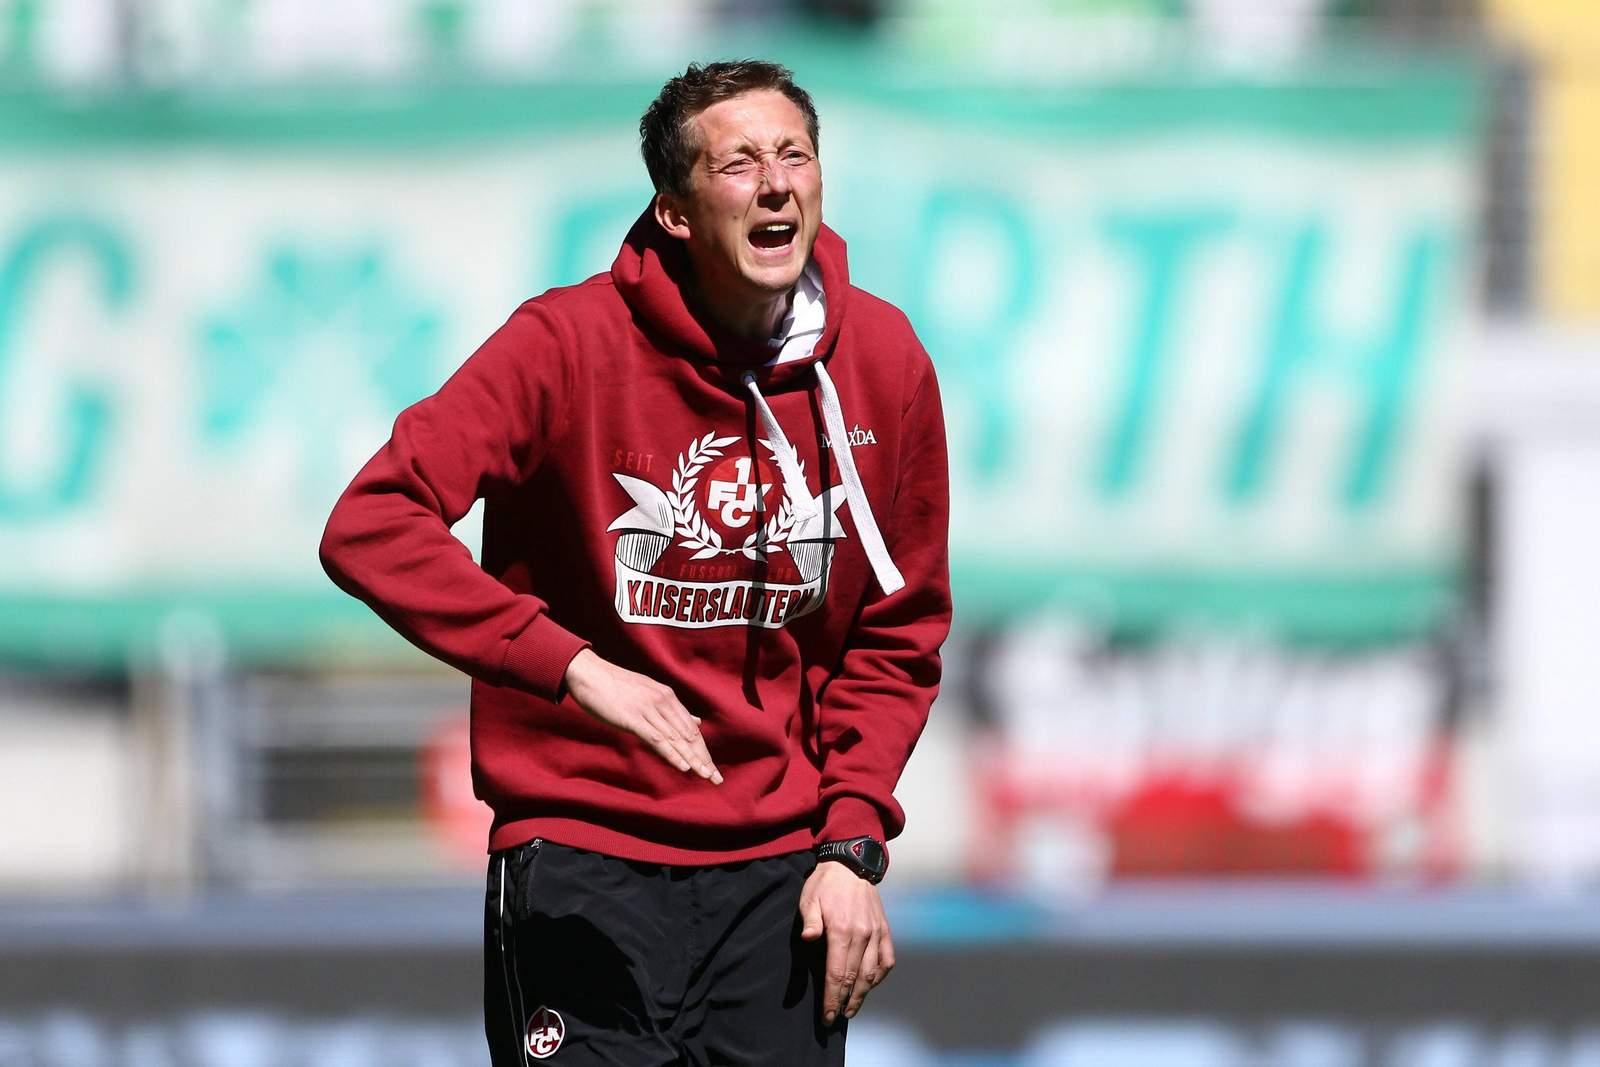 Konrad Fünfstück bei Spiel vom 1.FC Kaiserslautern